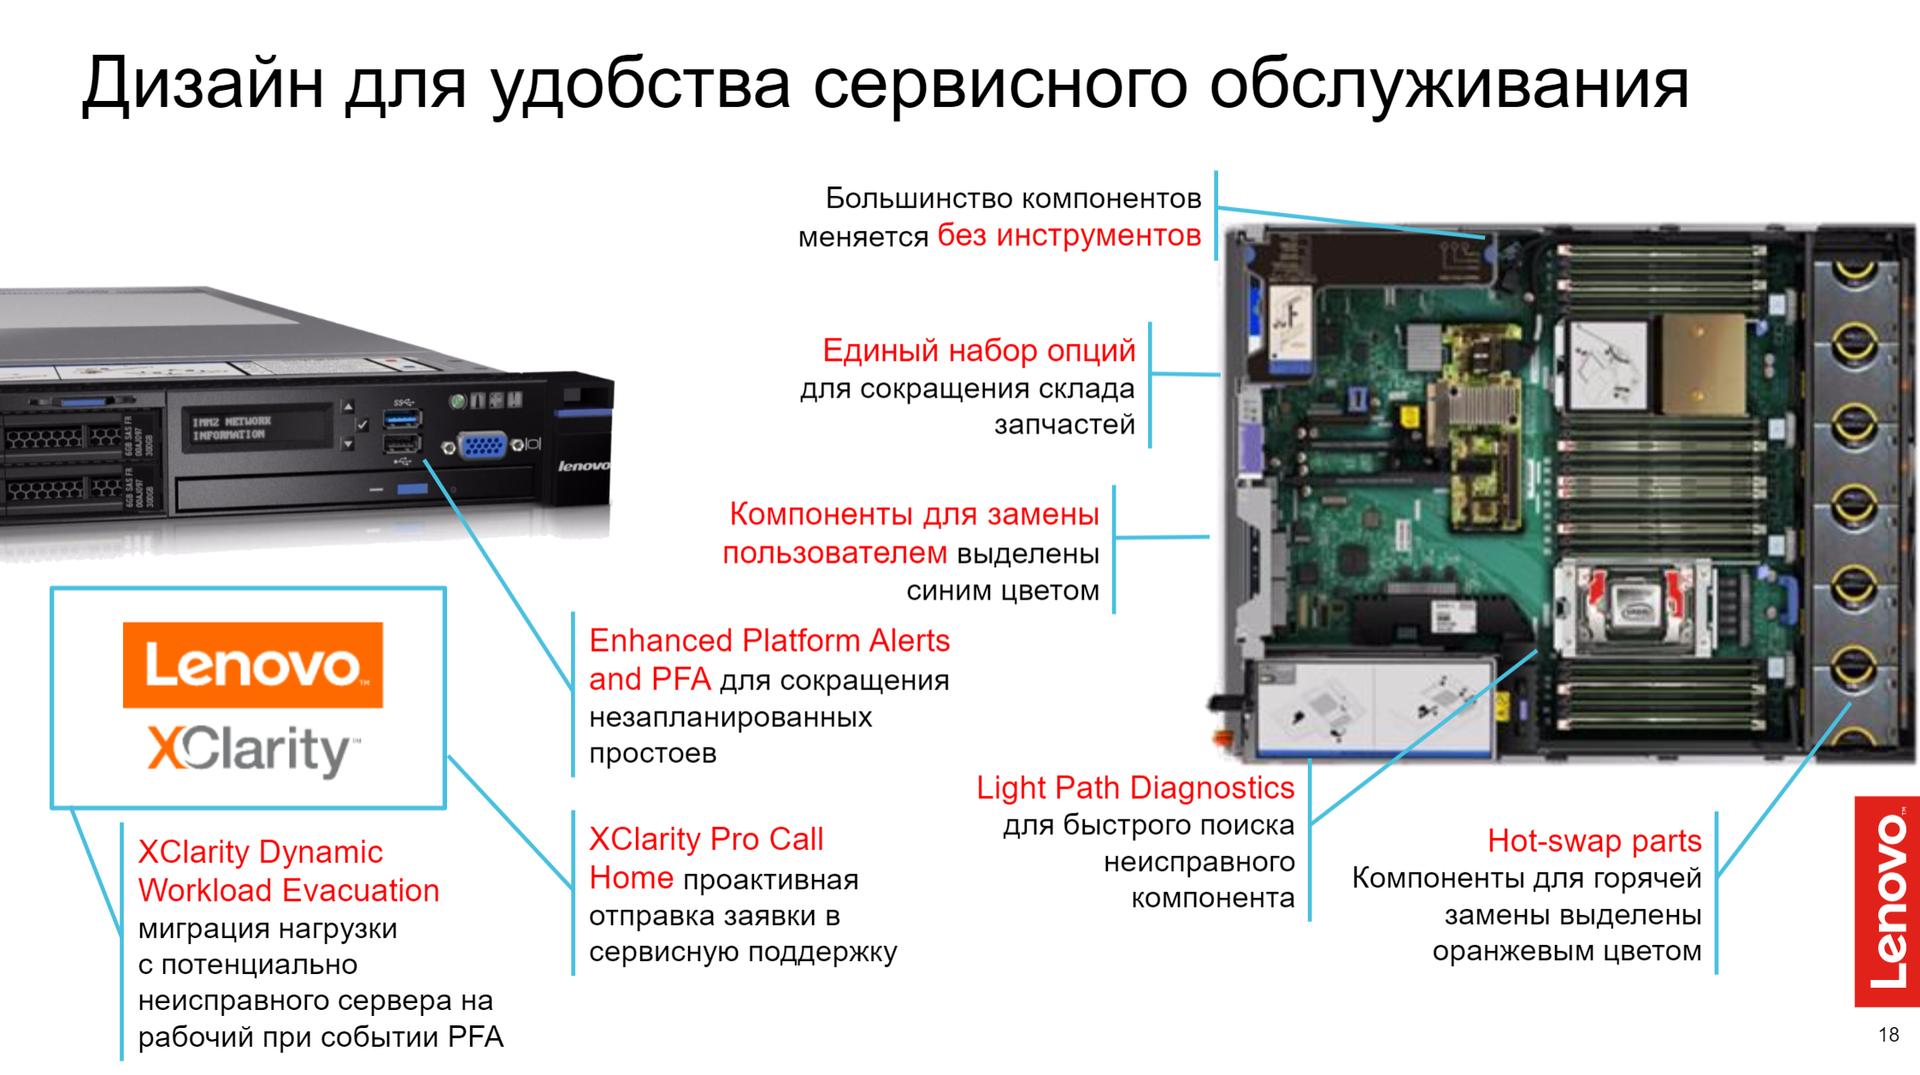 Решения Lenovo для дата-центров. Часть 2 - 6